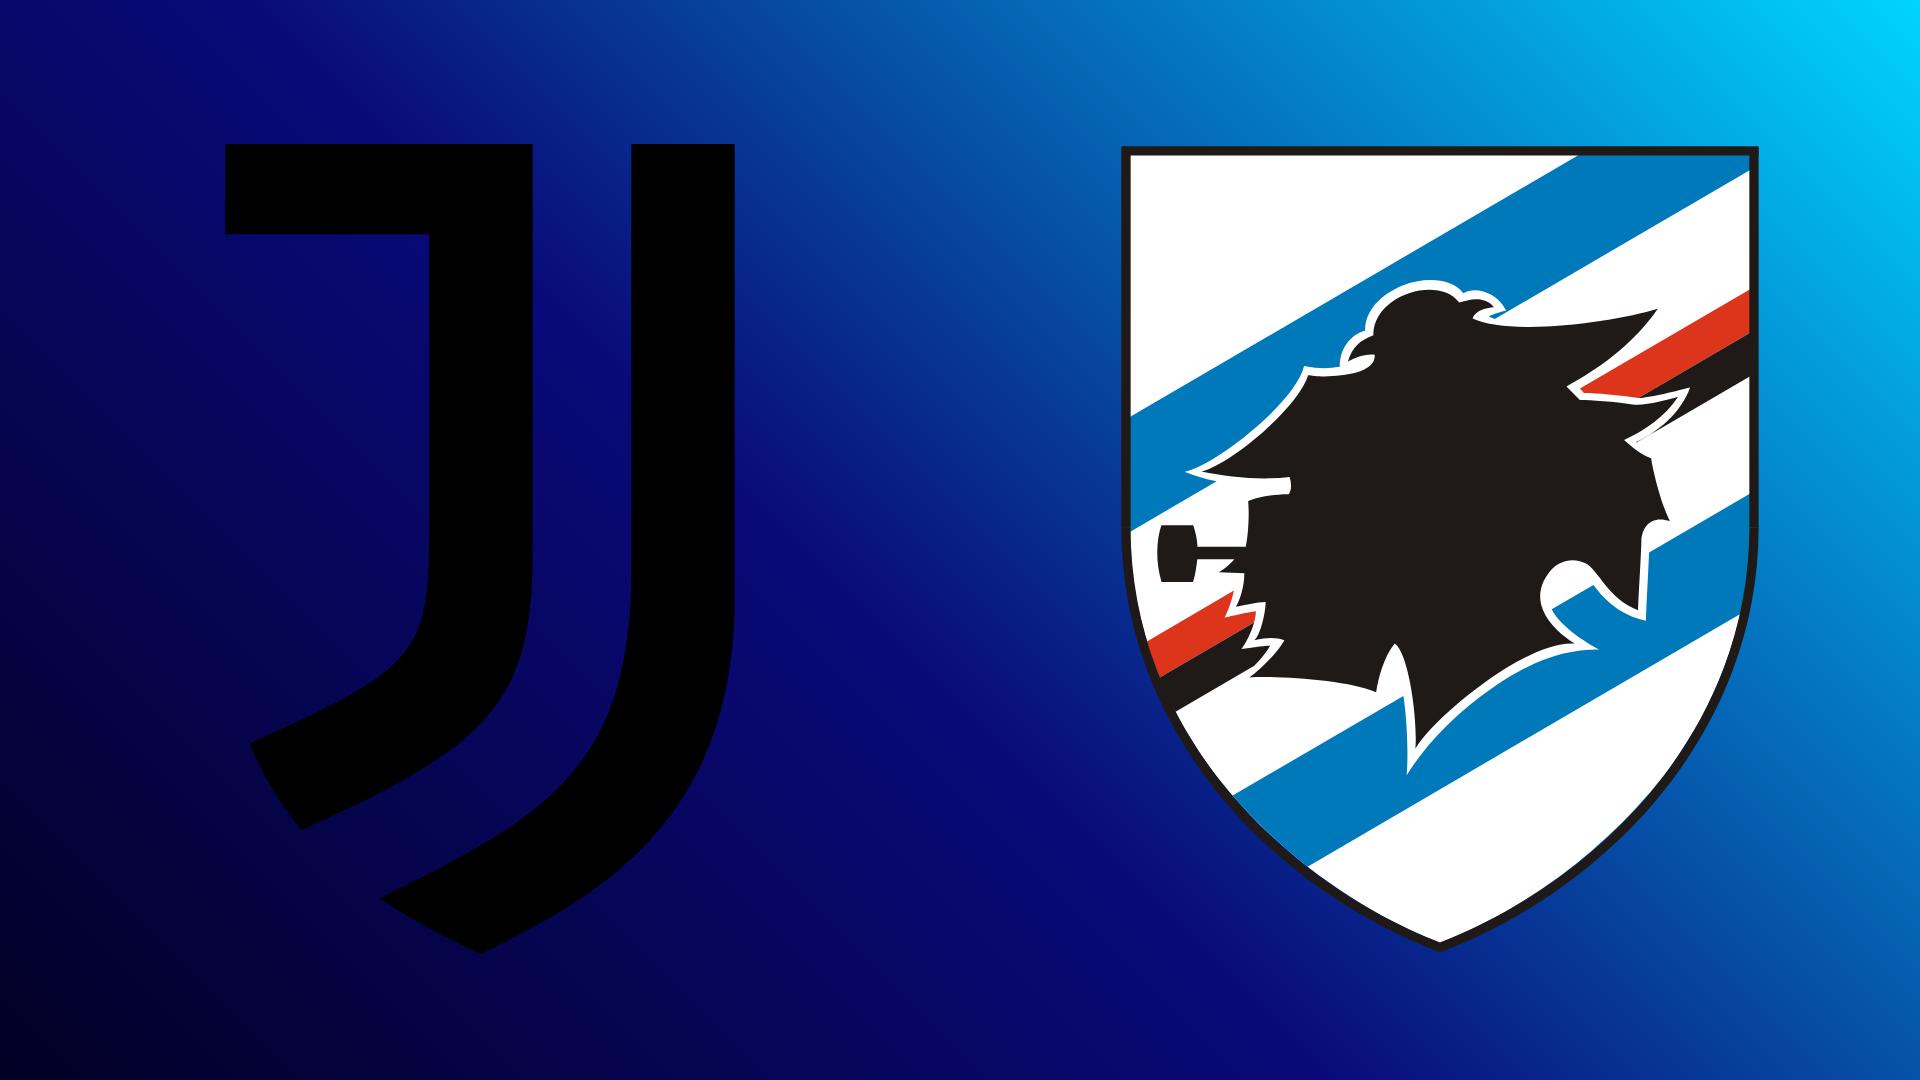 Juventus - Sampdoria 26.09.2021 um 12:30 Uhr auf DAZN